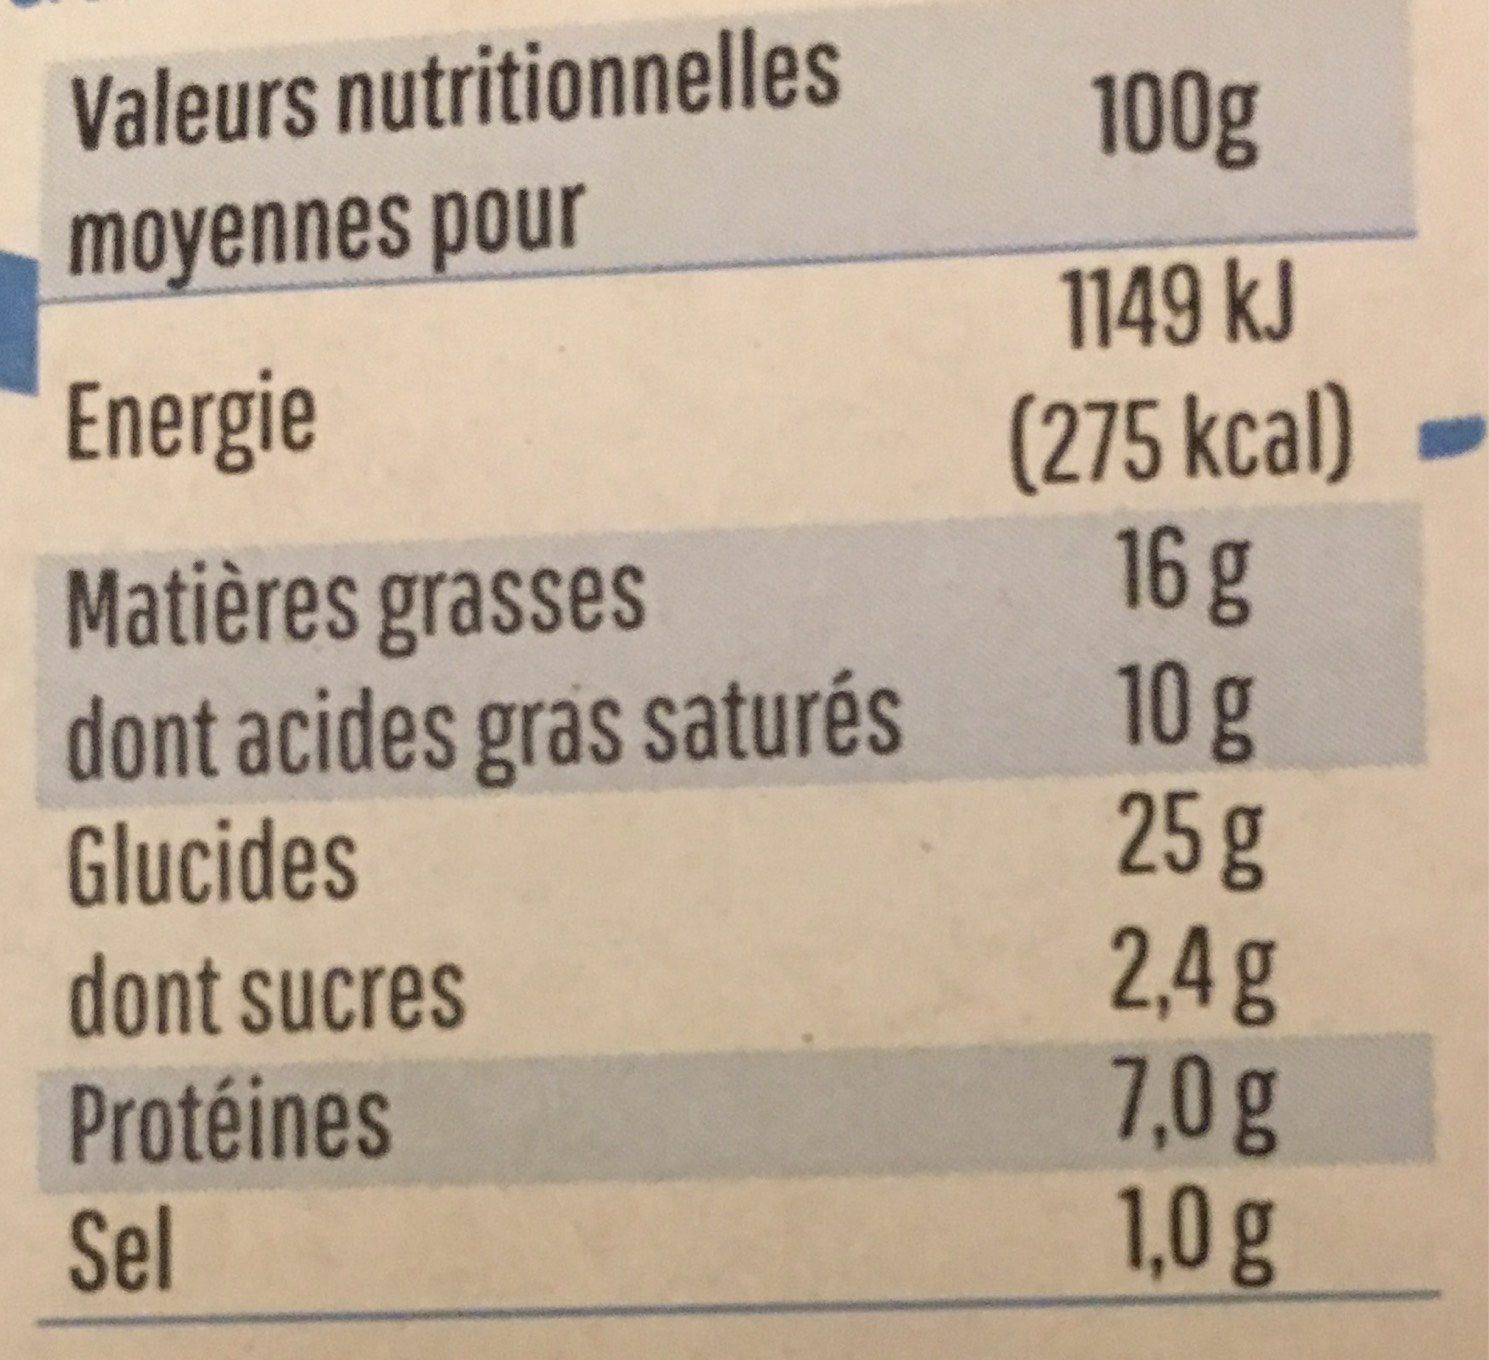 Feuilletes nordiques - Voedingswaarden - fr